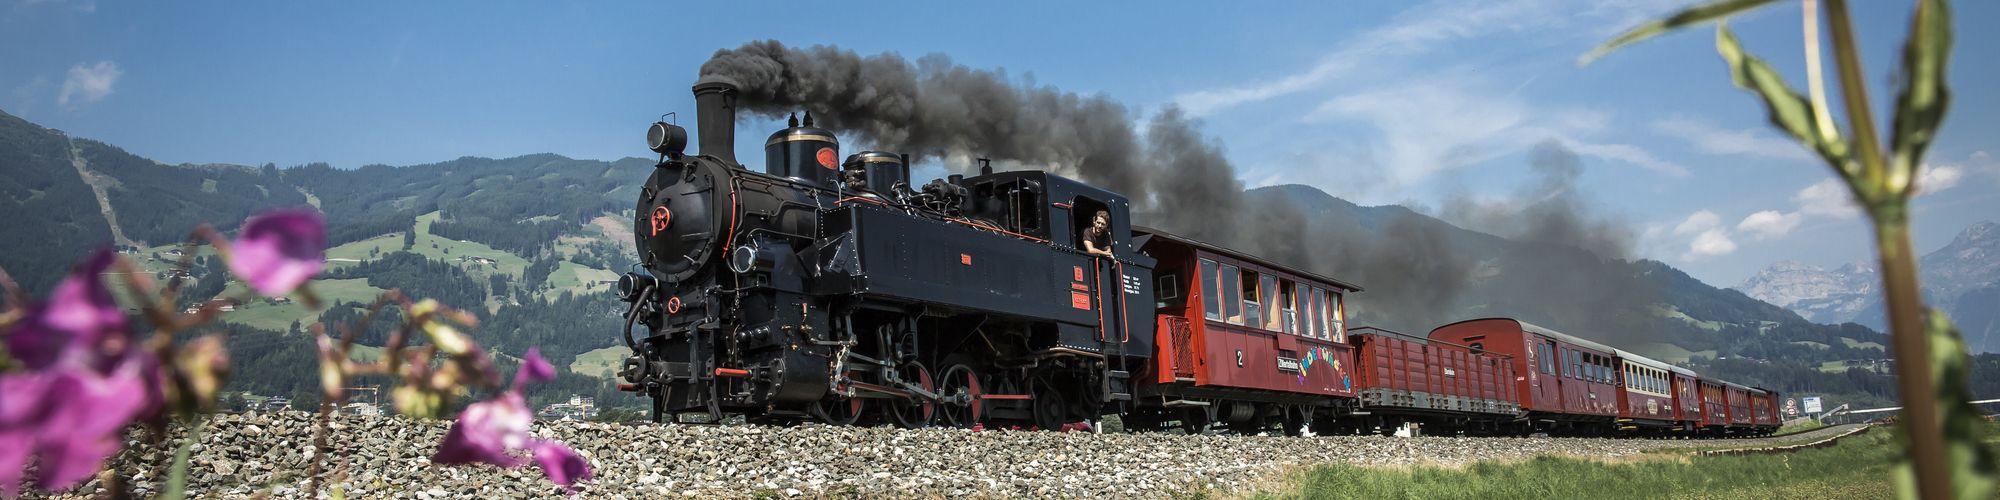 Historische Dampfeisenbahn (Zillertalbahn) ©Zillertaltourismus, Bernhard Huber